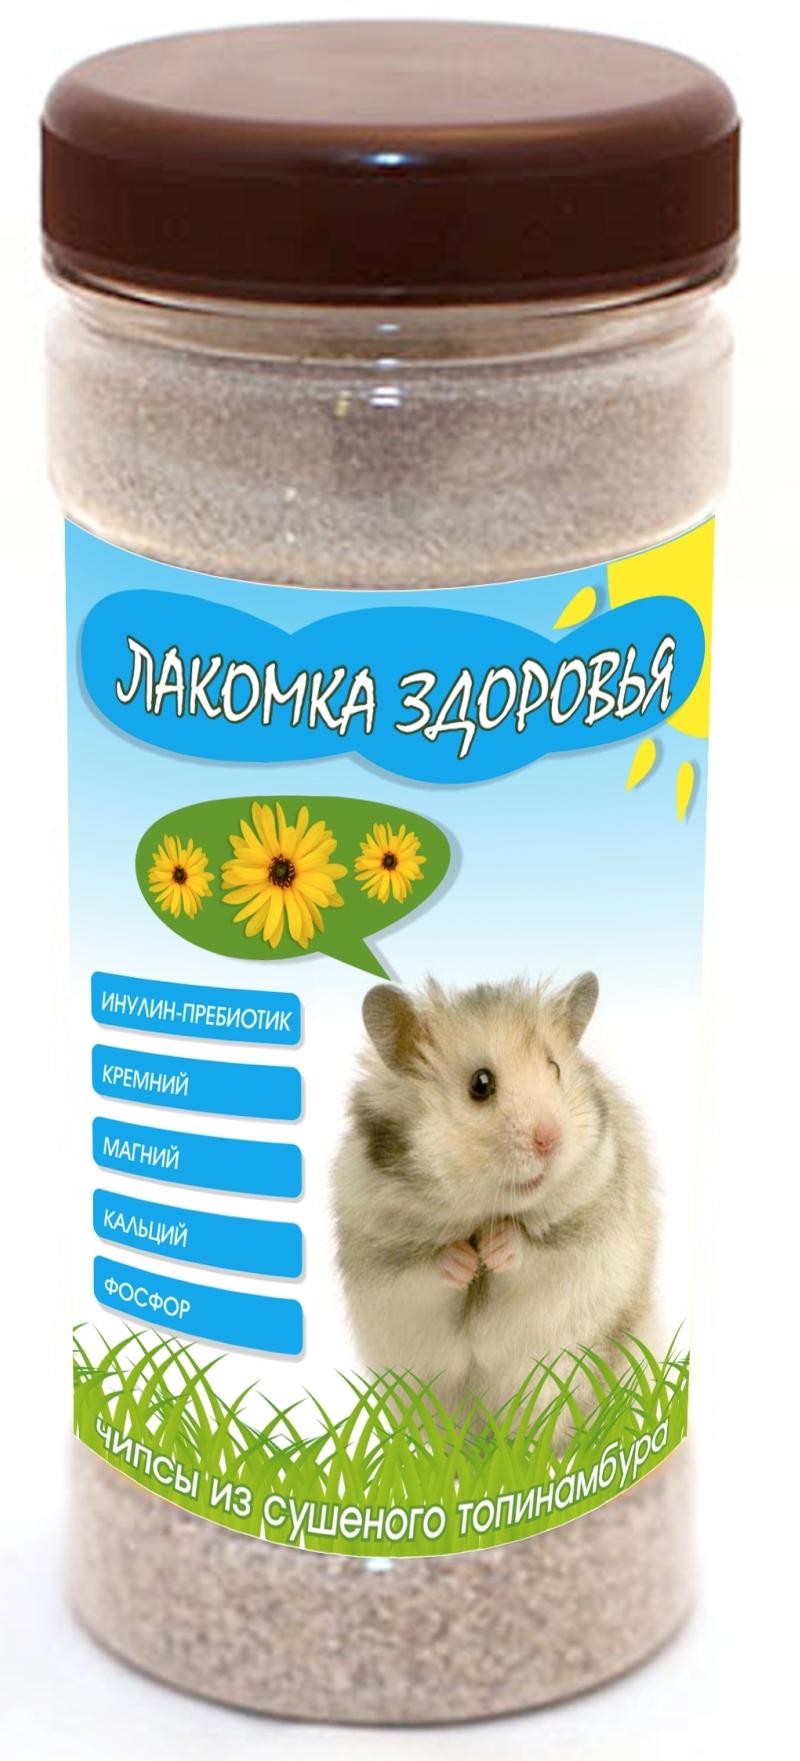 Дизайн этикетки на ПЭТ-банку лакомства для домашних грызунов фото f_37353a7f0781321a.jpg